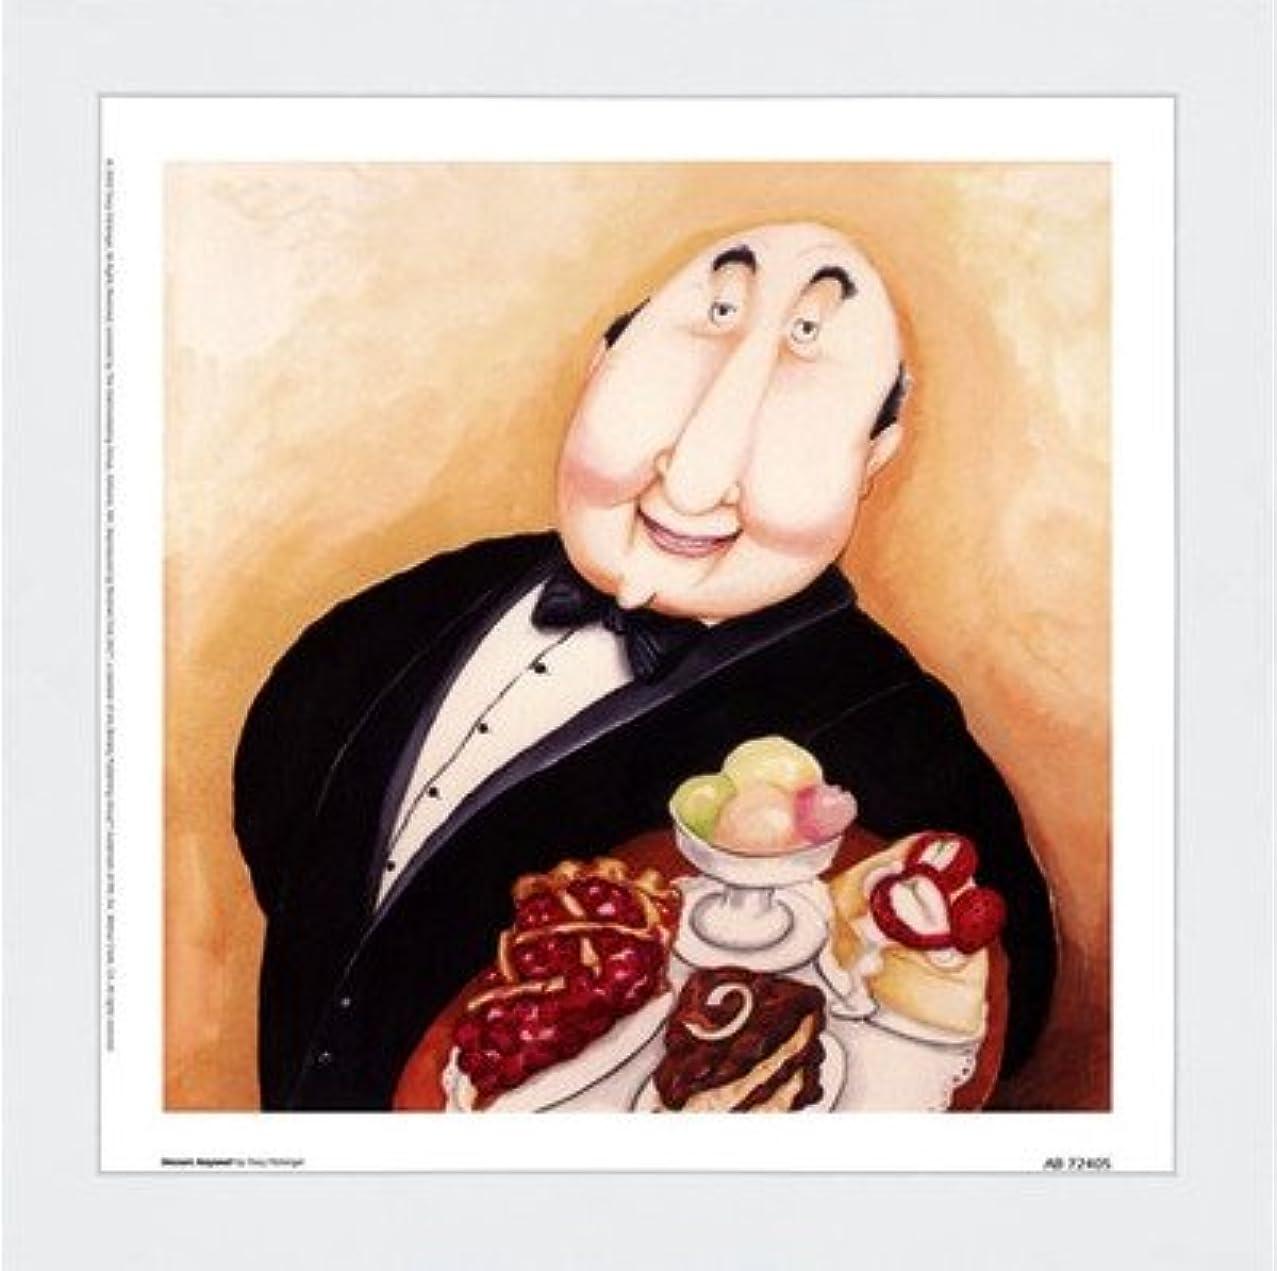 黒板スパイラル混乱したデザートAnyone by Tracy Flickinger – 9 x 9インチ – アートプリントポスター LE_468077-F8989-9x9